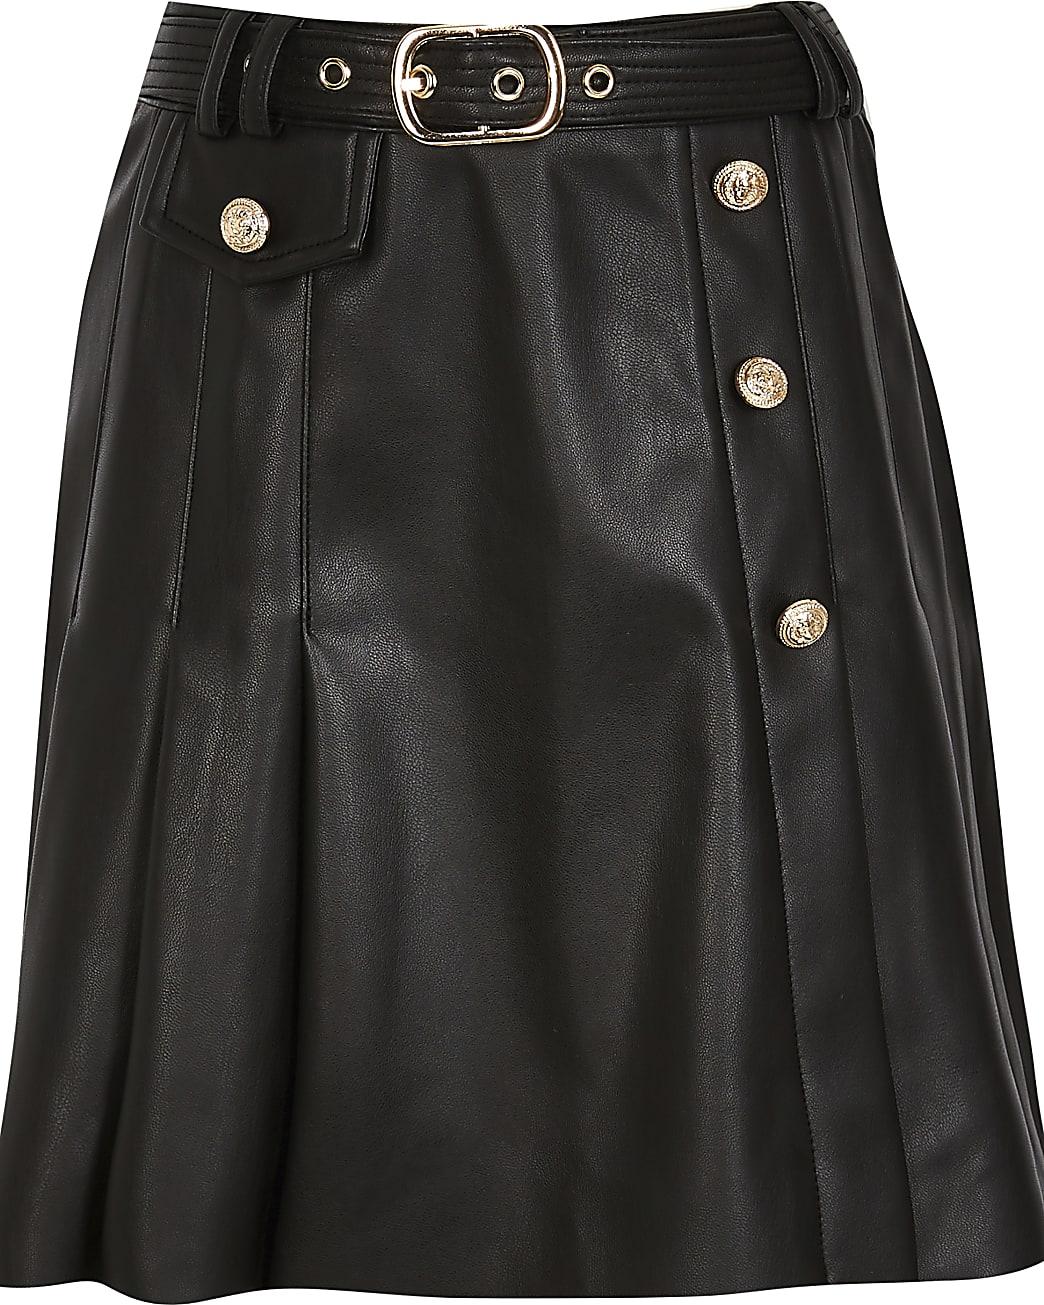 Girls black kilt pleat skirt